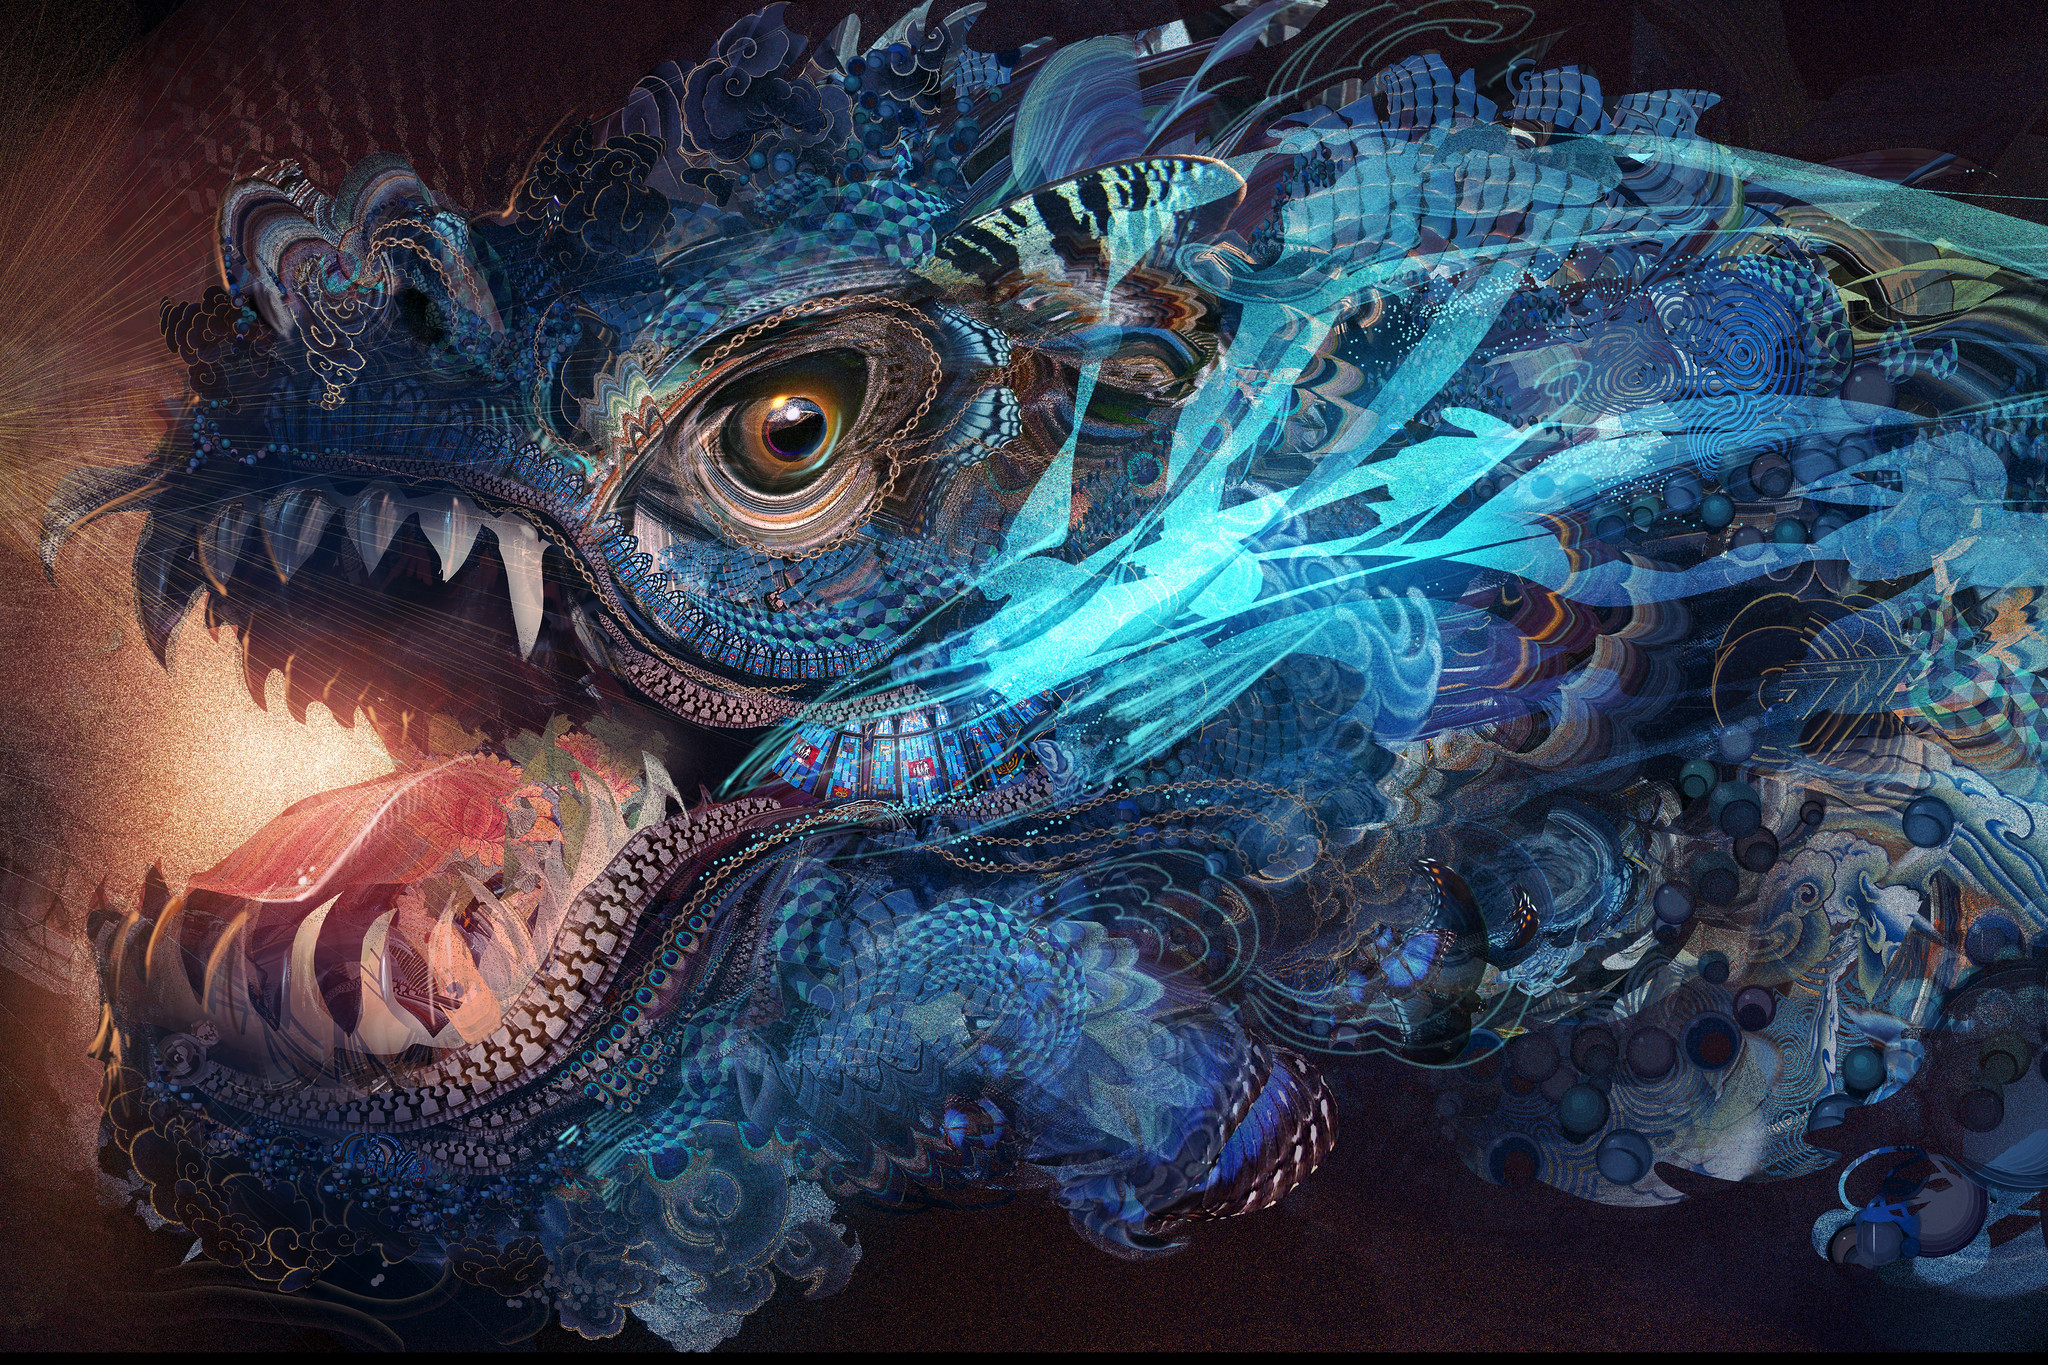 Fantasy Creature 2048x1365